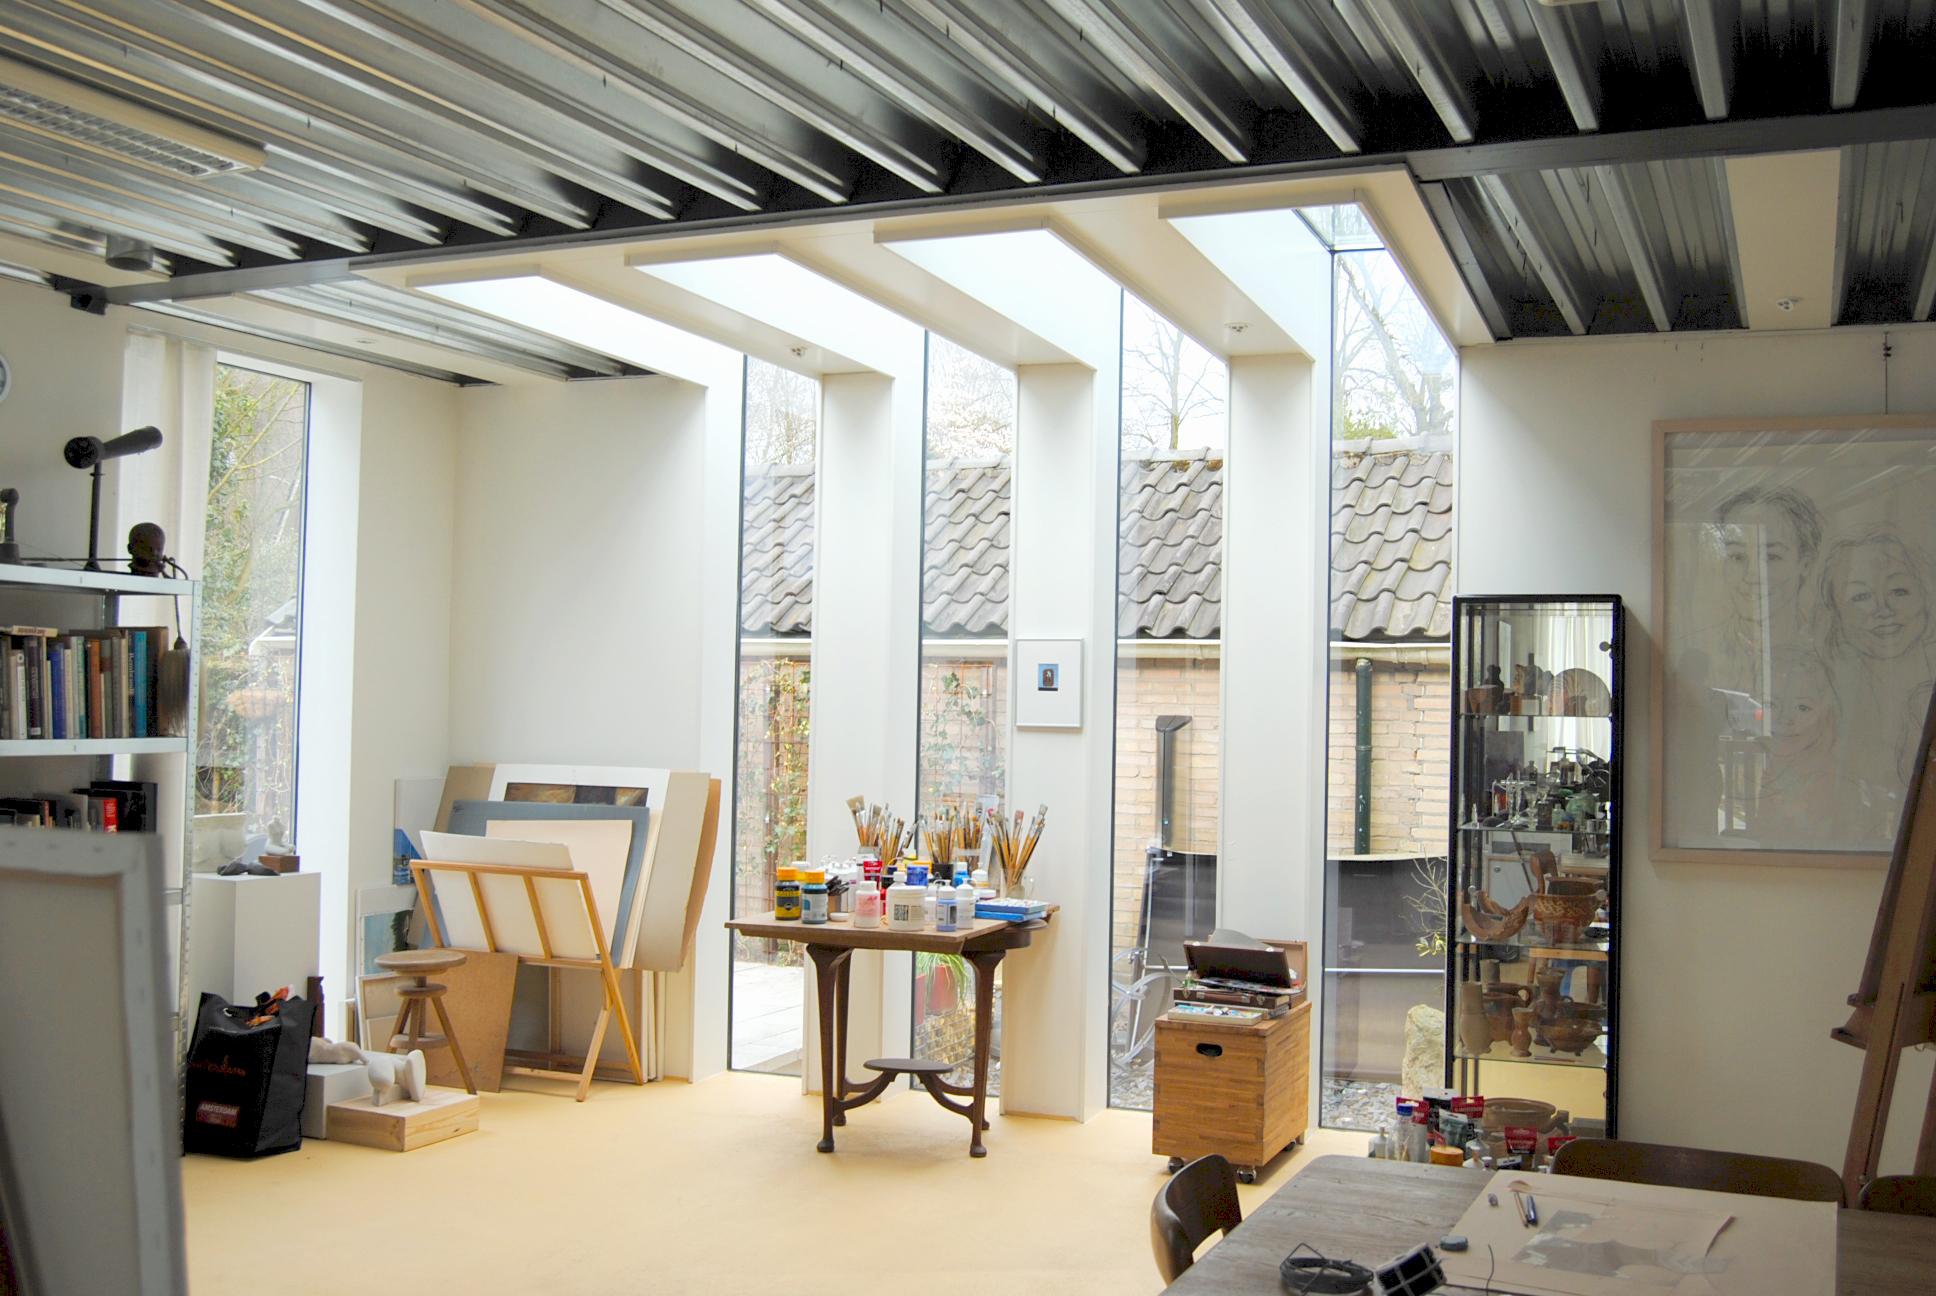 Architect Eindhoven Studio Bruce